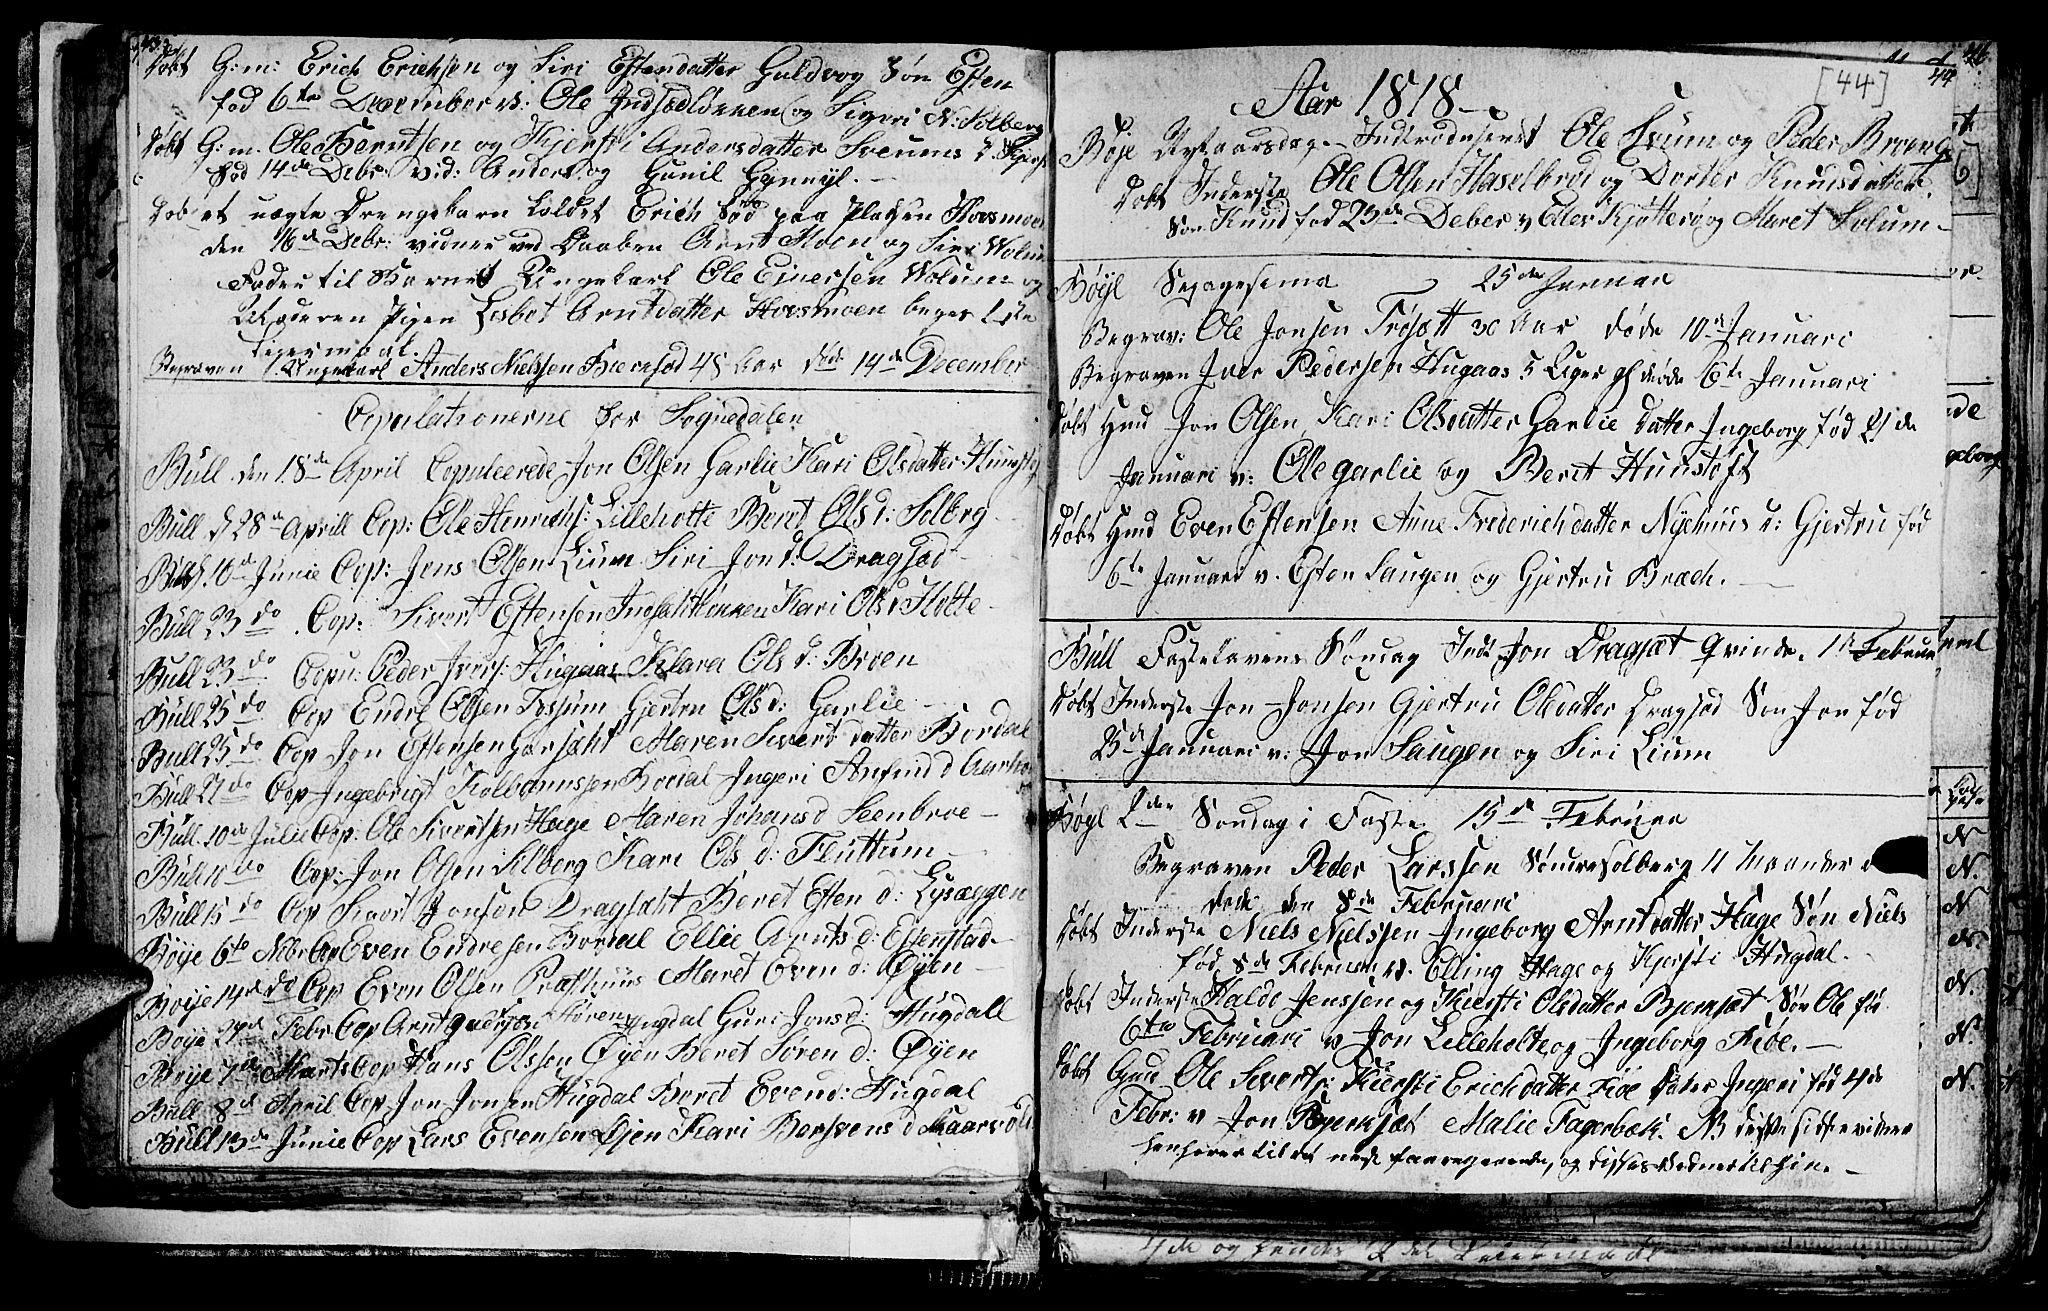 SAT, Ministerialprotokoller, klokkerbøker og fødselsregistre - Sør-Trøndelag, 689/L1042: Klokkerbok nr. 689C01, 1812-1841, s. 43-44